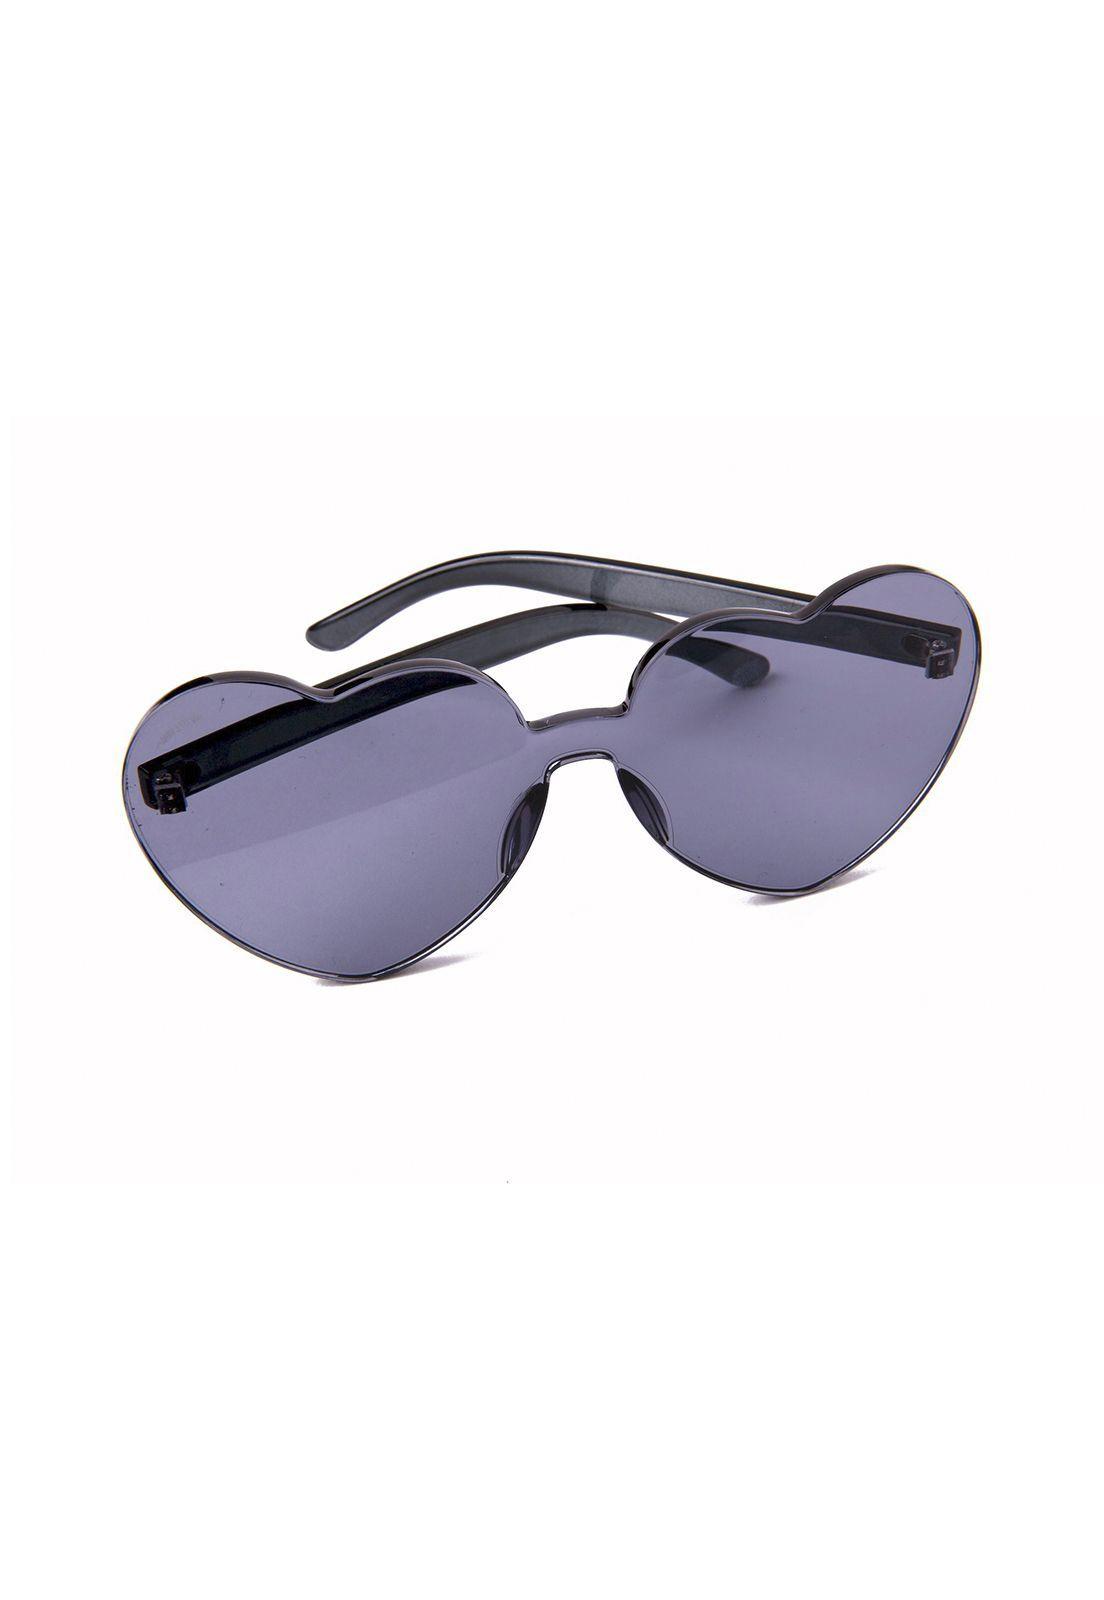 Óculos de Sol Grungetteria Love Fumê